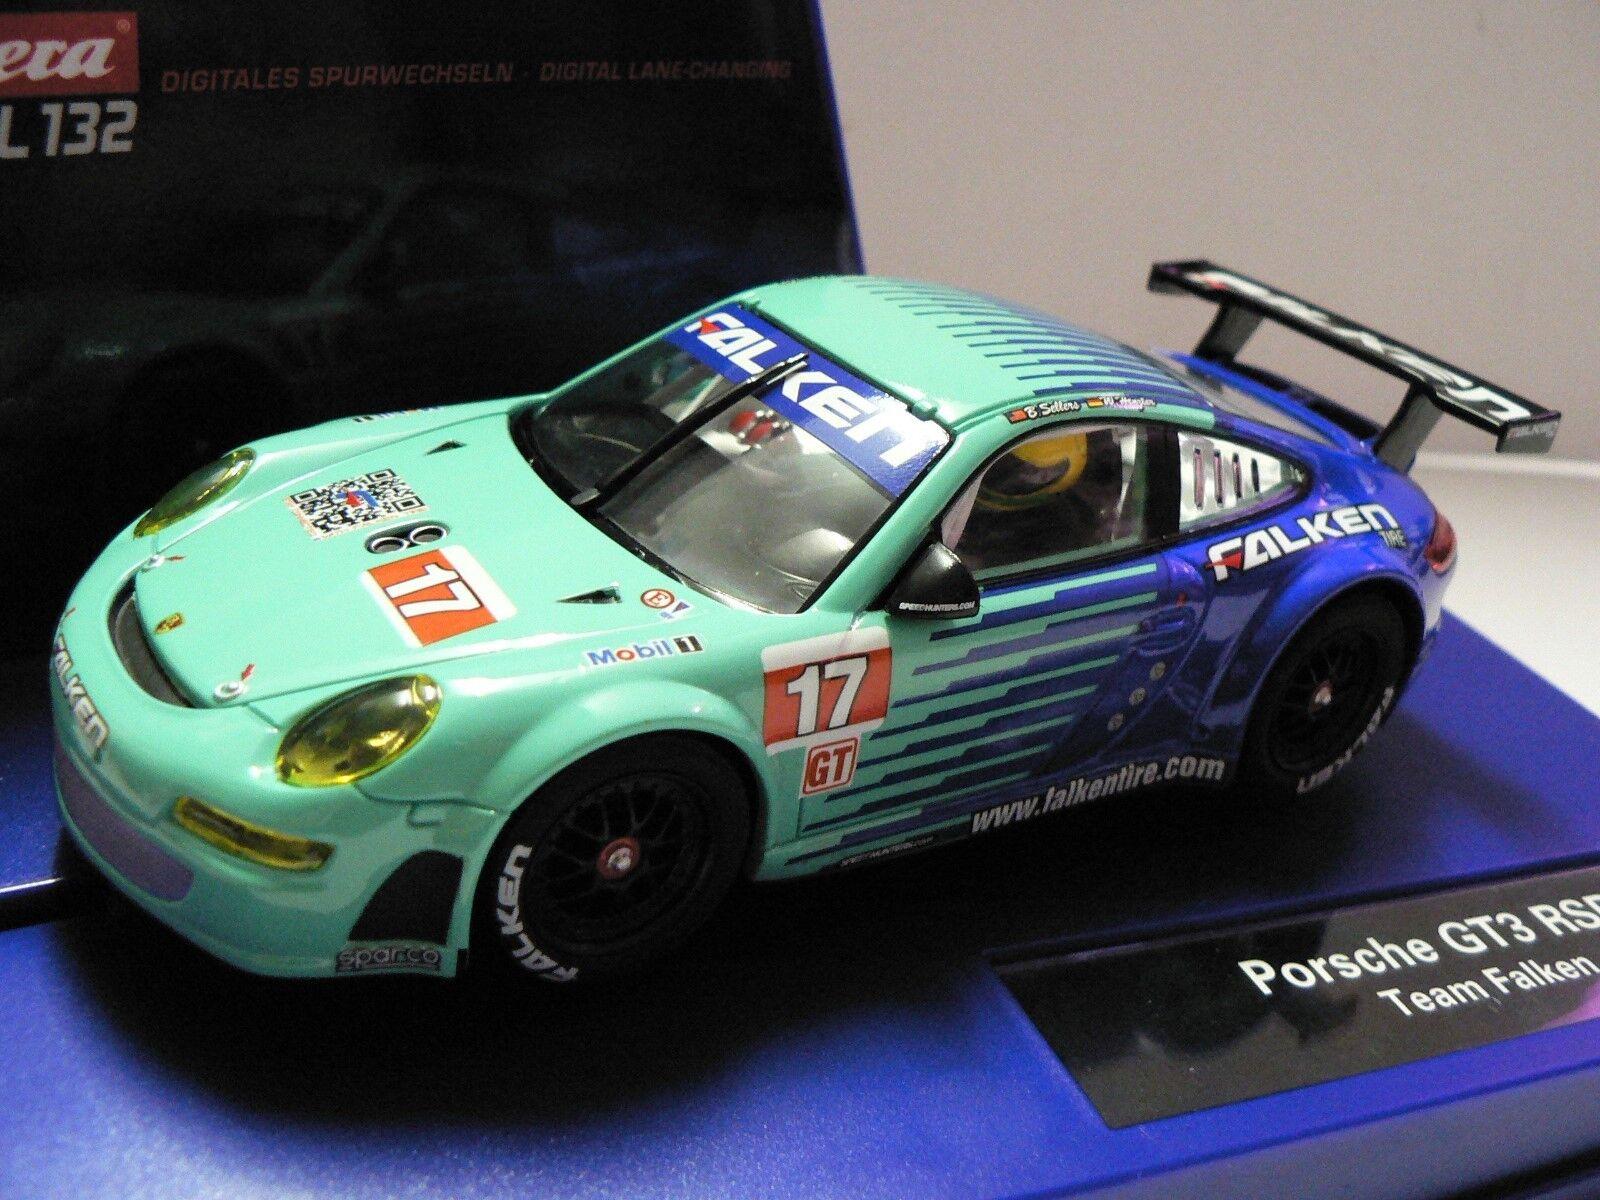 Carrera Digital 132 30642 Porsche GT3 Rsr Team Falken New